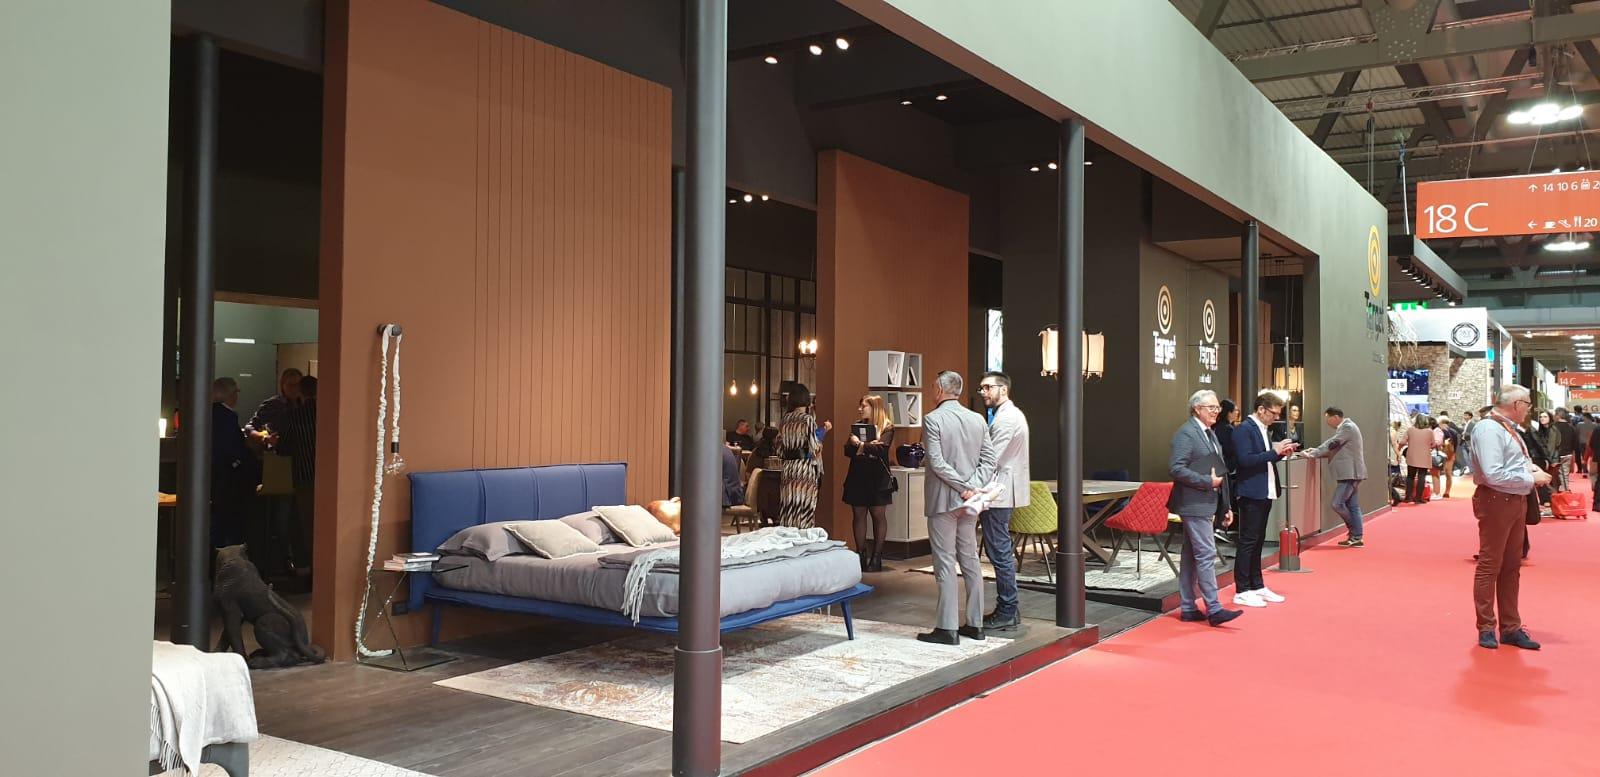 Il nostro salone del mobile edizione 2019 target point for Il salone del mobile